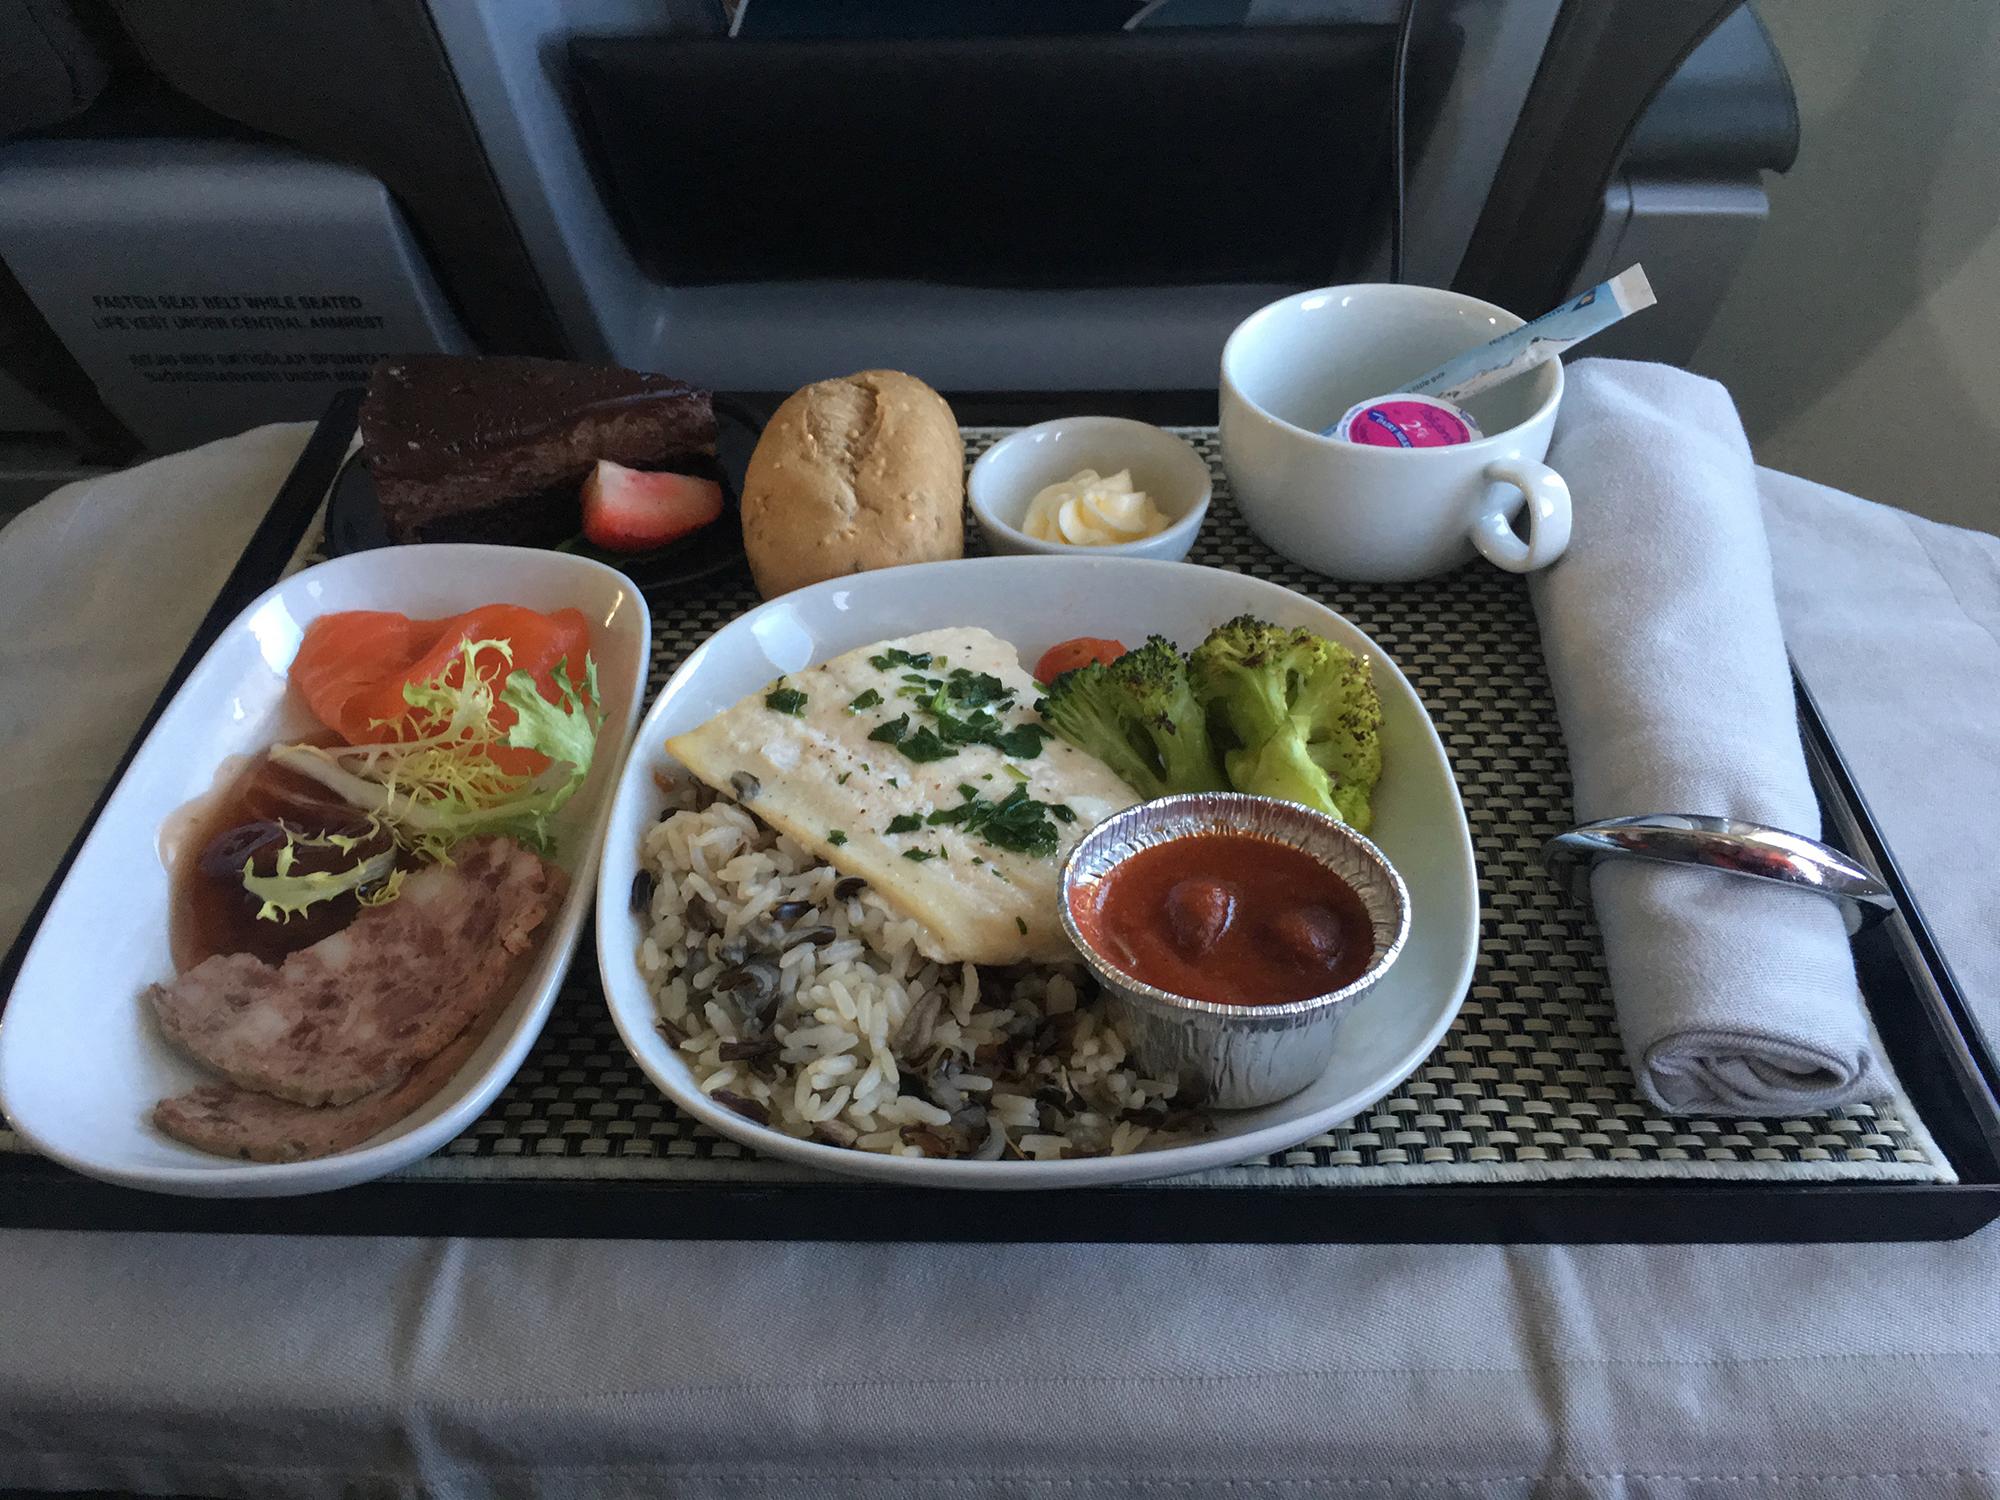 Icelandair main meal on YVR-KEF flight segment.